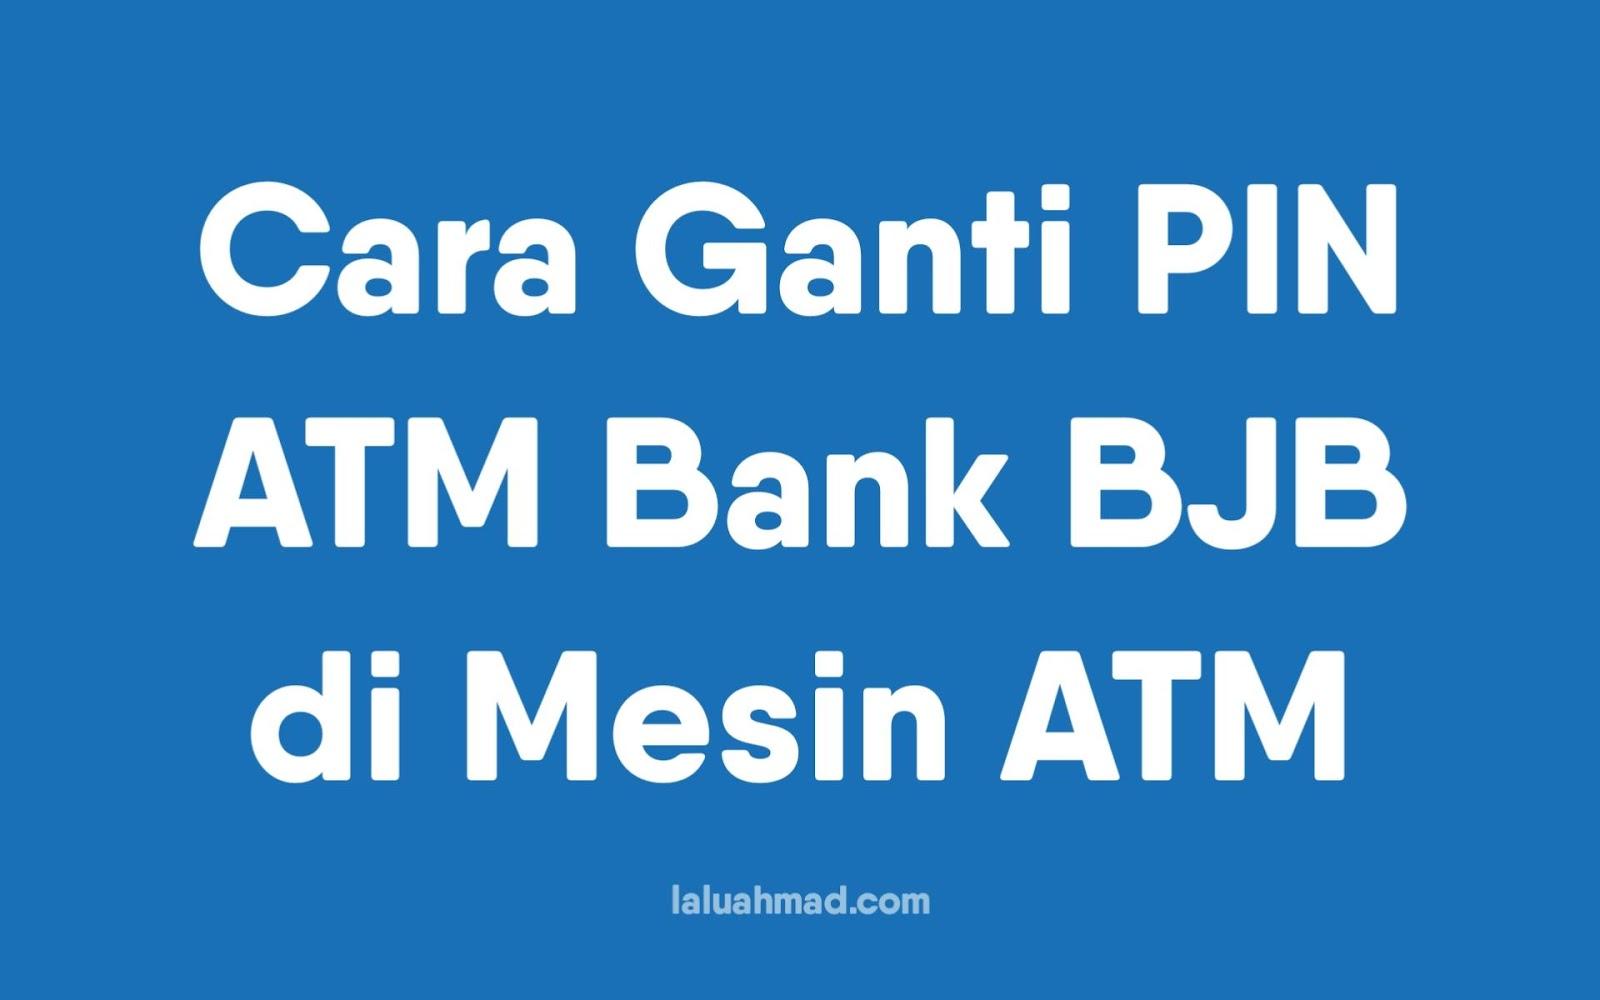 Cara Ganti PIN ATM Bank BJB di Mesin ATM